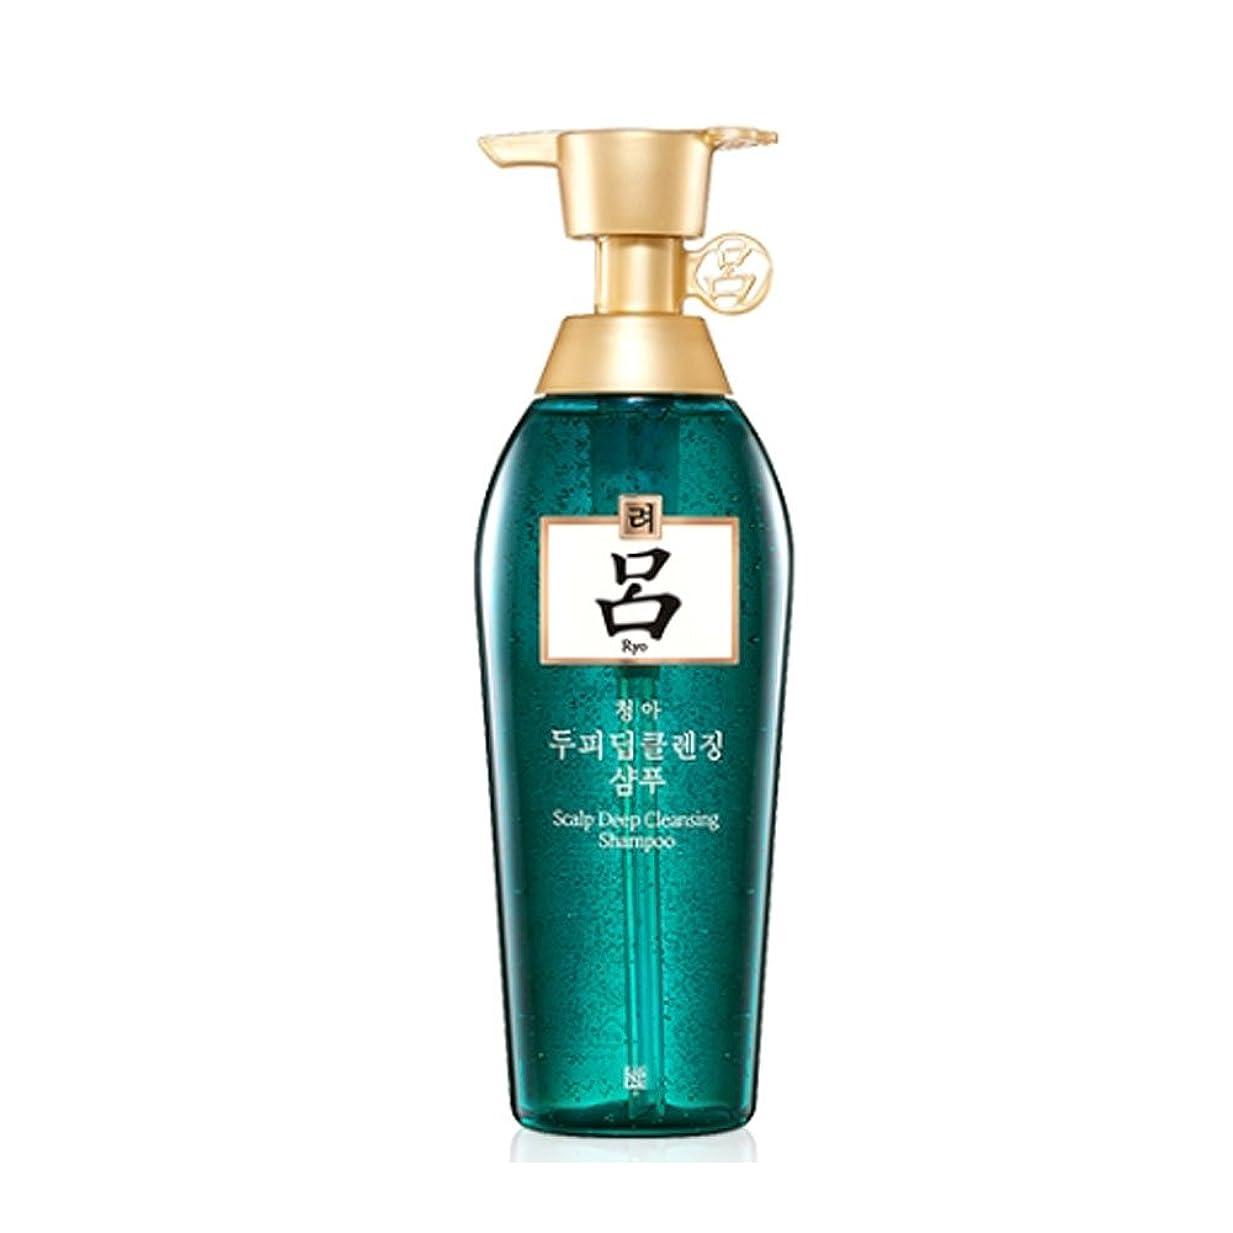 納得させる閉じ込めるほんの[呂] リョ チョンア頭皮 シャンプー 脱毛防止シャンプー Scalp Deep Cleansing Shampoo 500ml  [並行輸入品]